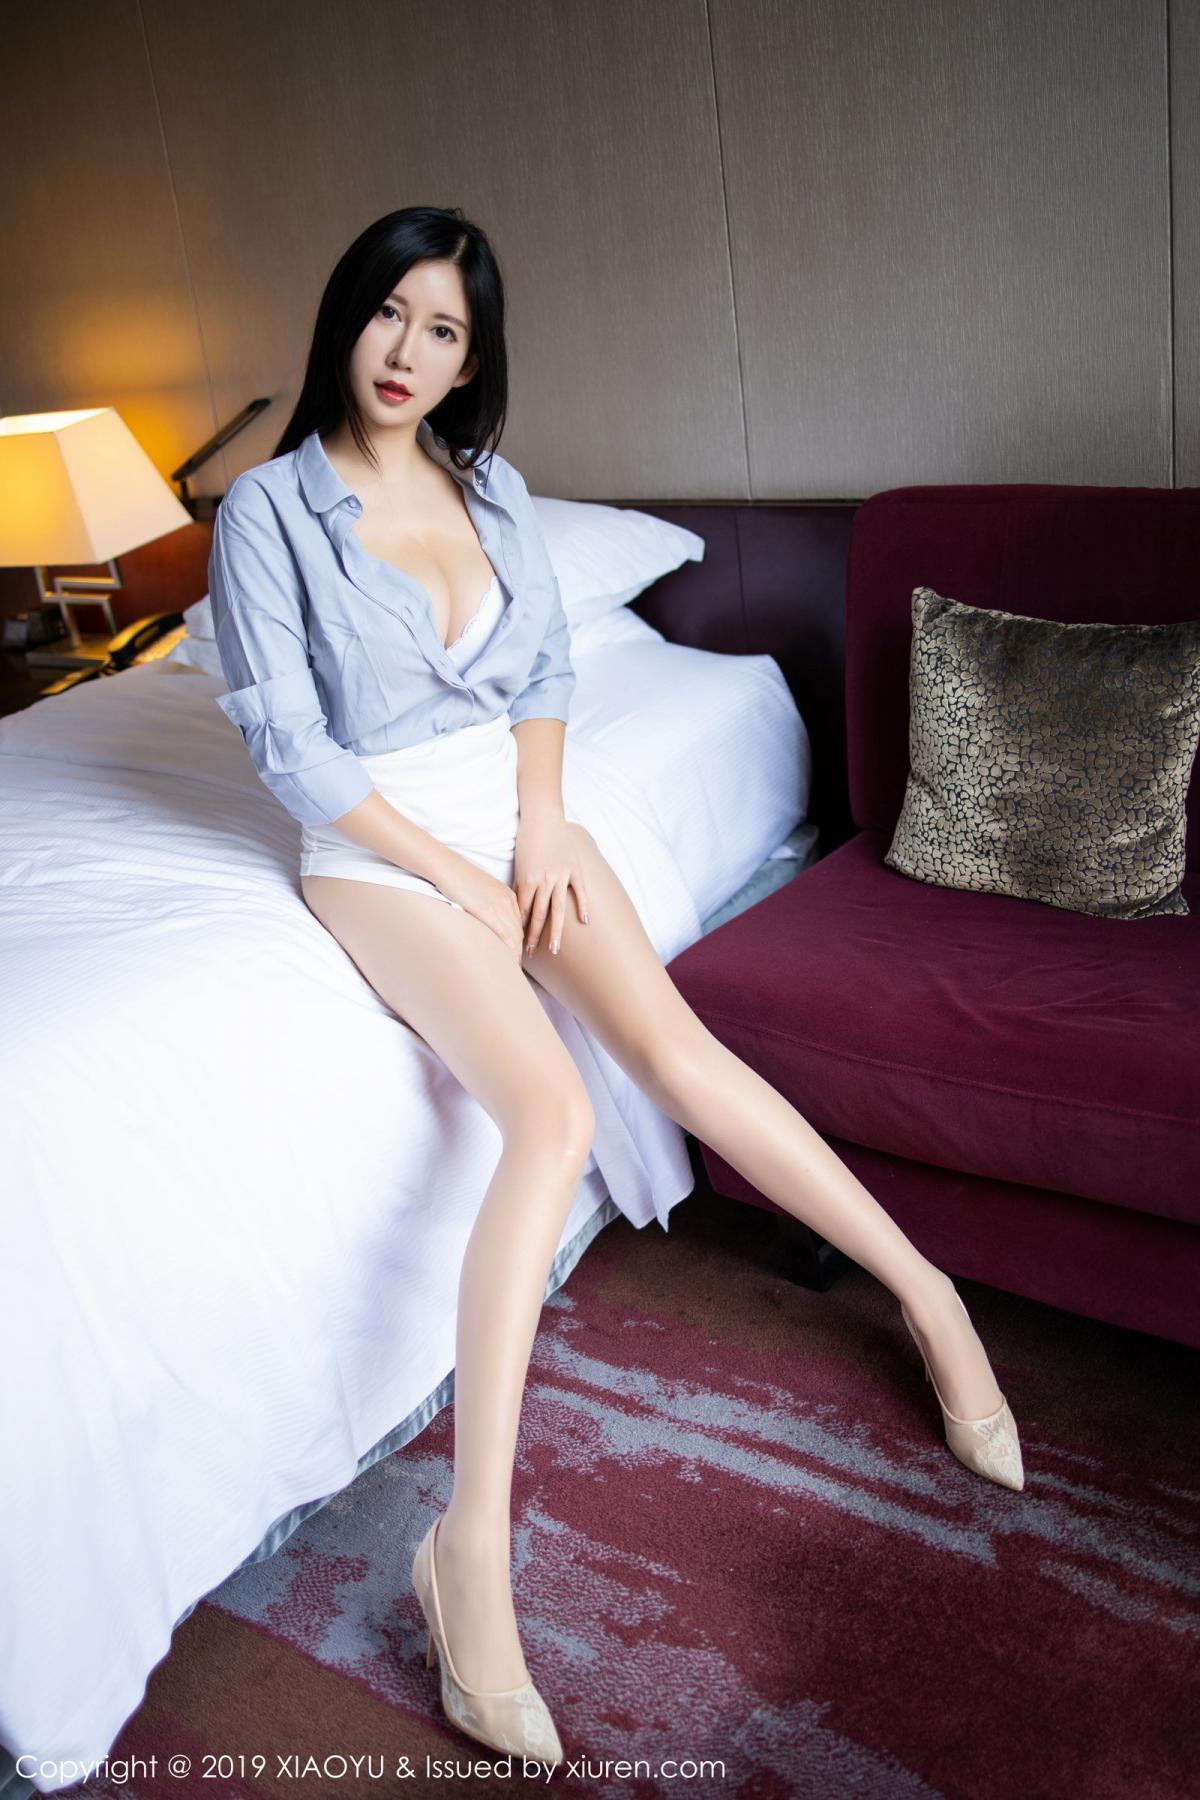 [XiaoYu] Vol.180 Li Ya 17P, Li Ya, Underwear, XiaoYu